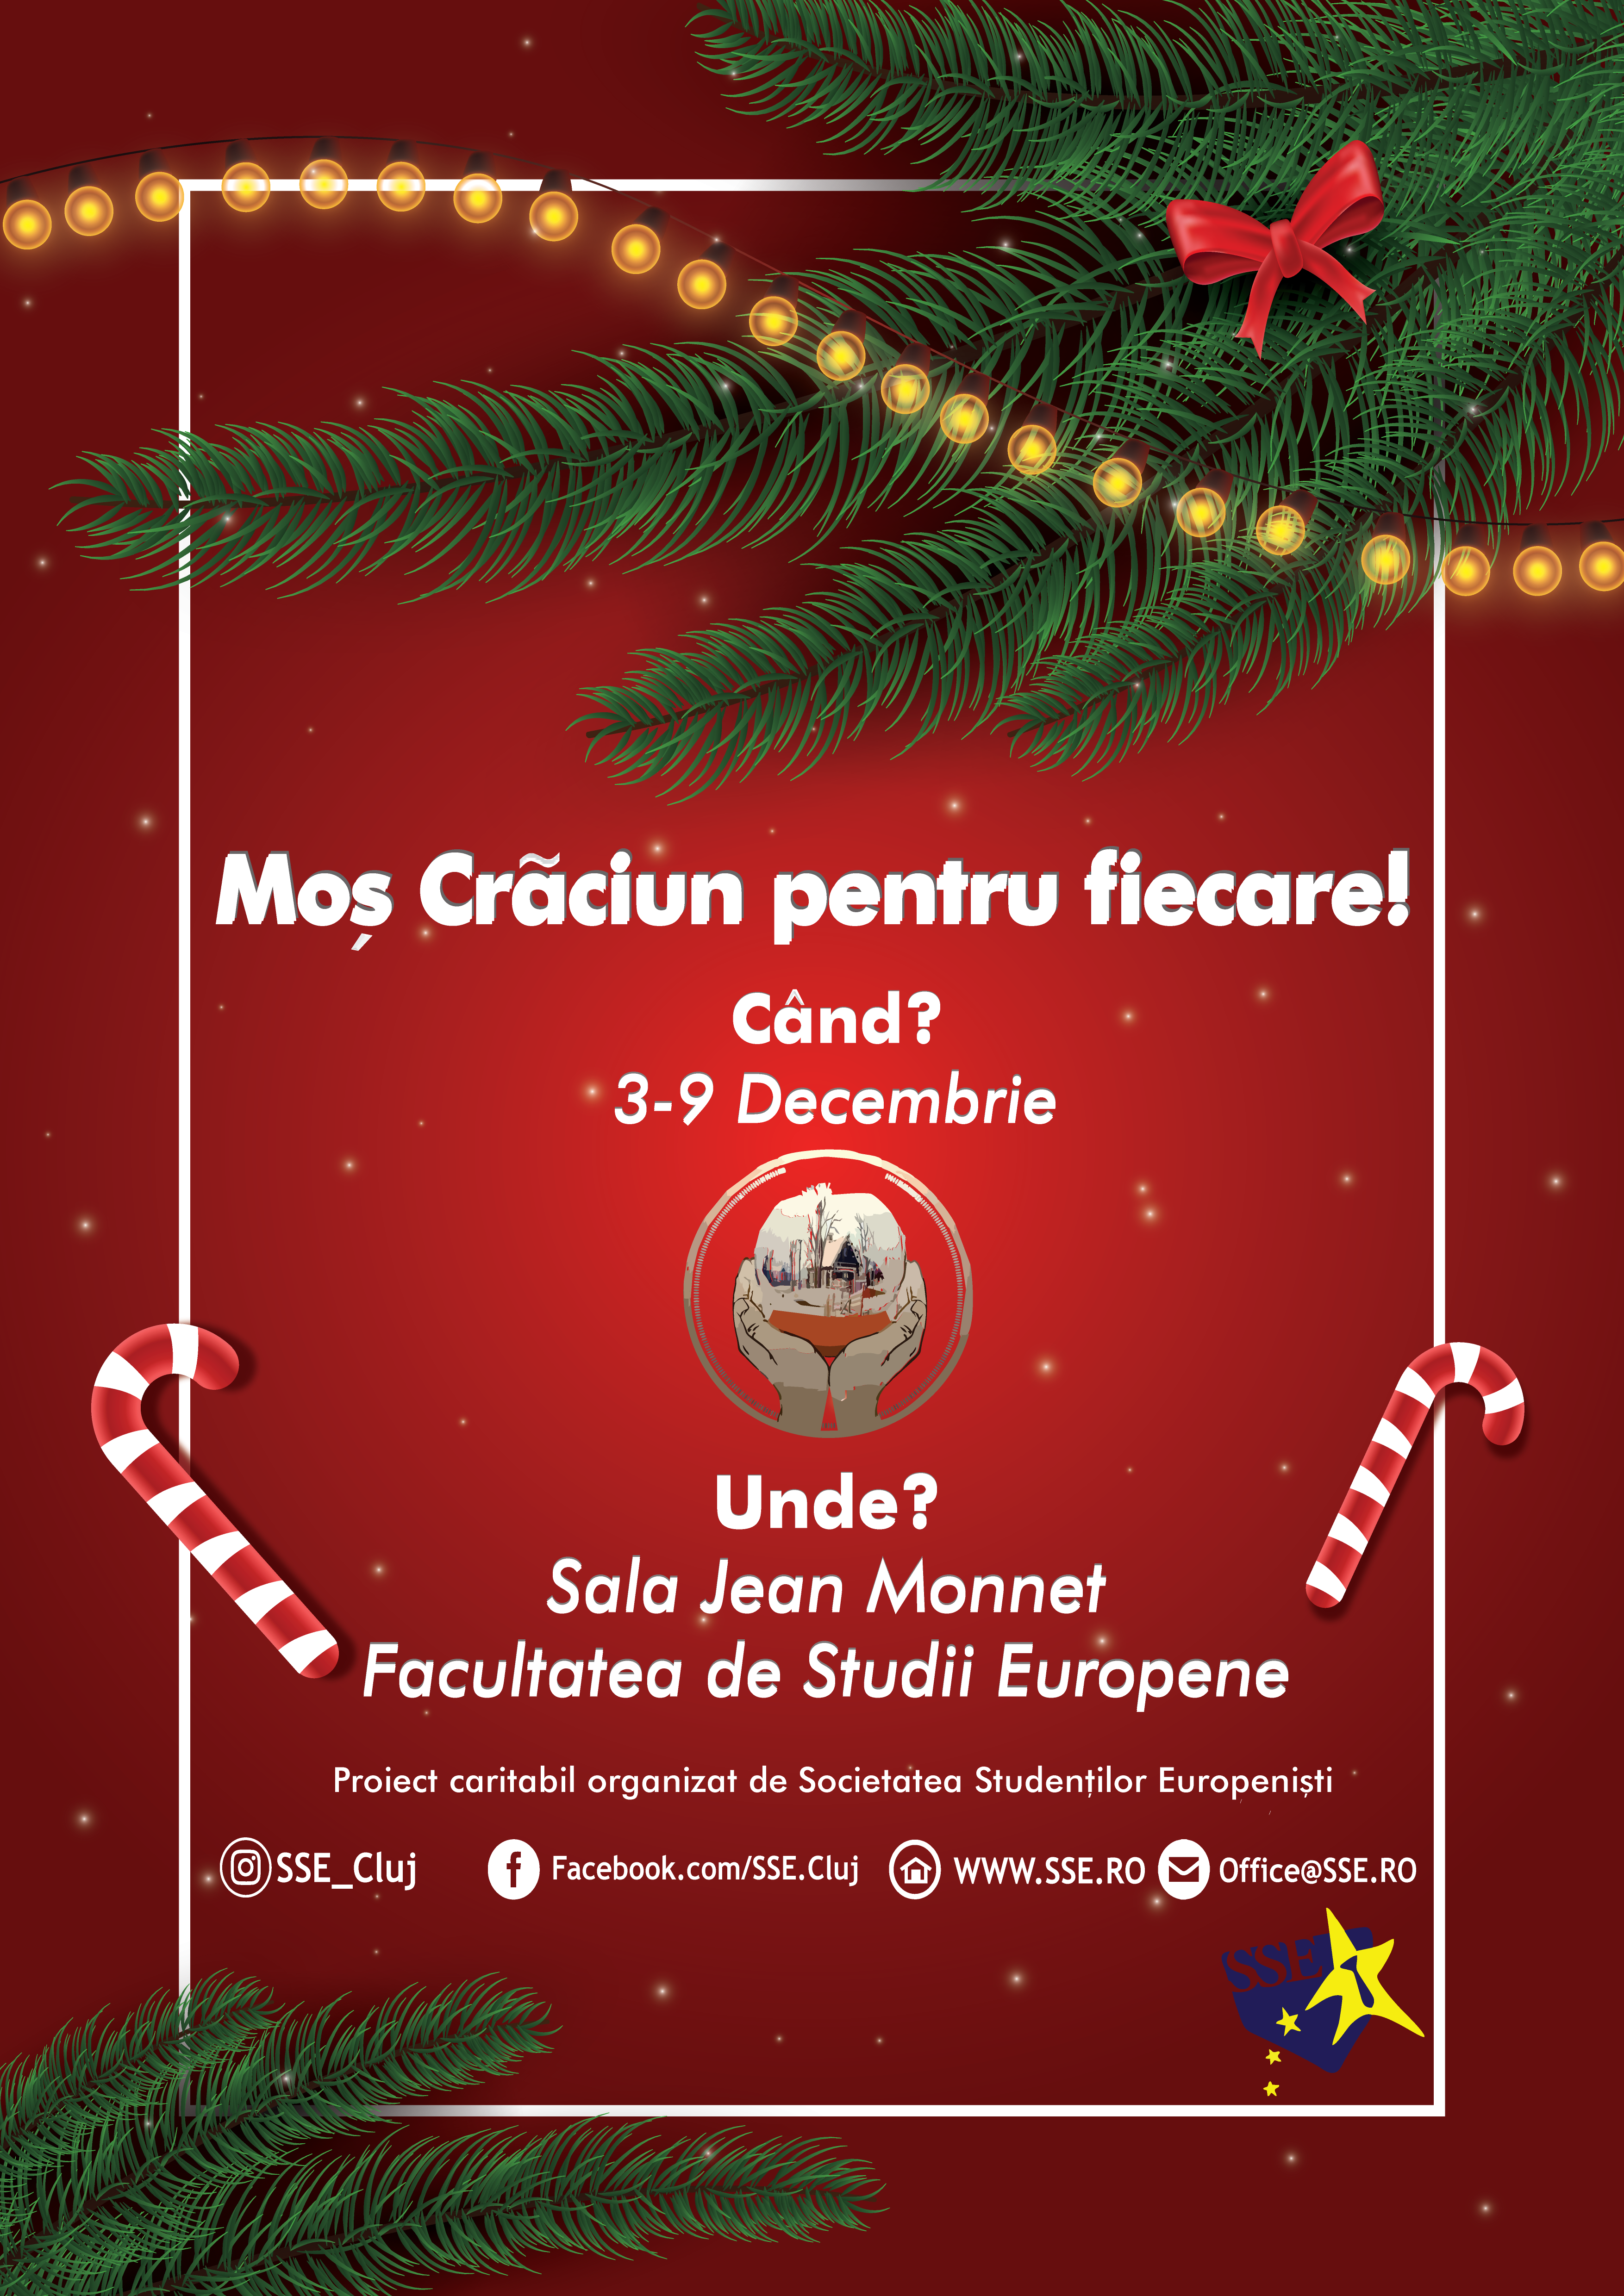 Moș Crăciun pentru fiecare 2018 – Asociația AGA